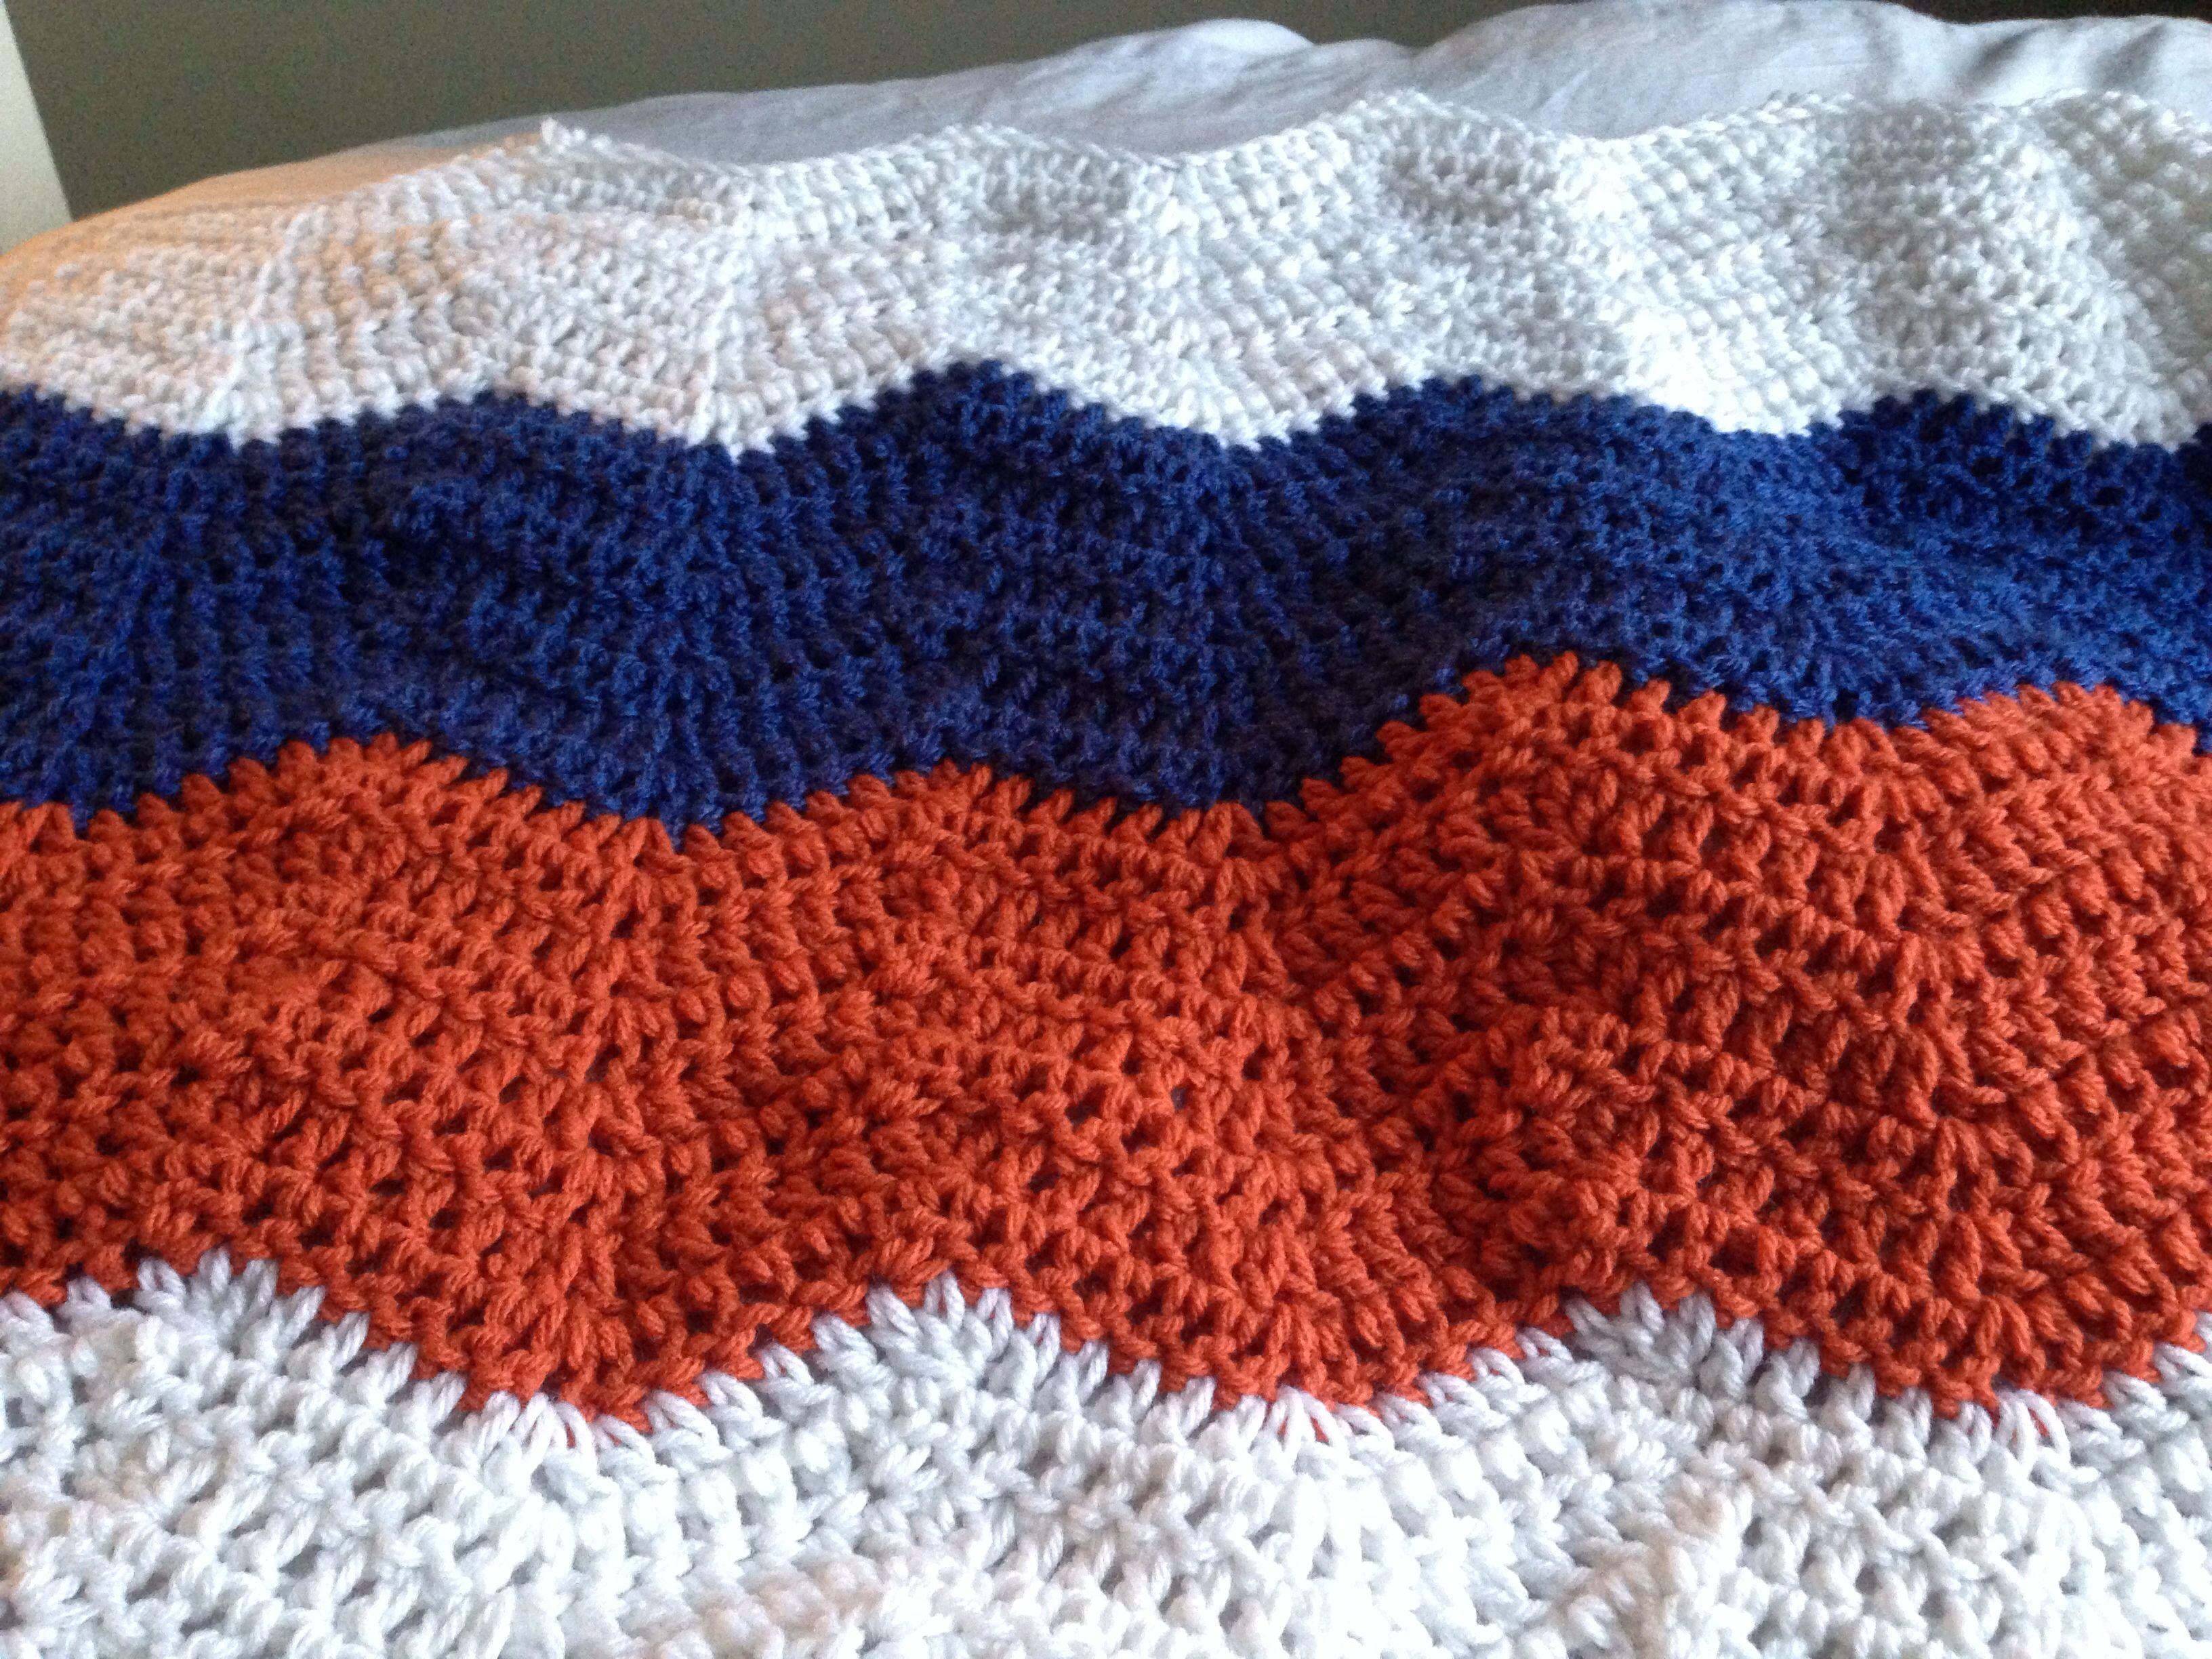 Oilers crochet ripple blanket | Crochet | Pinterest